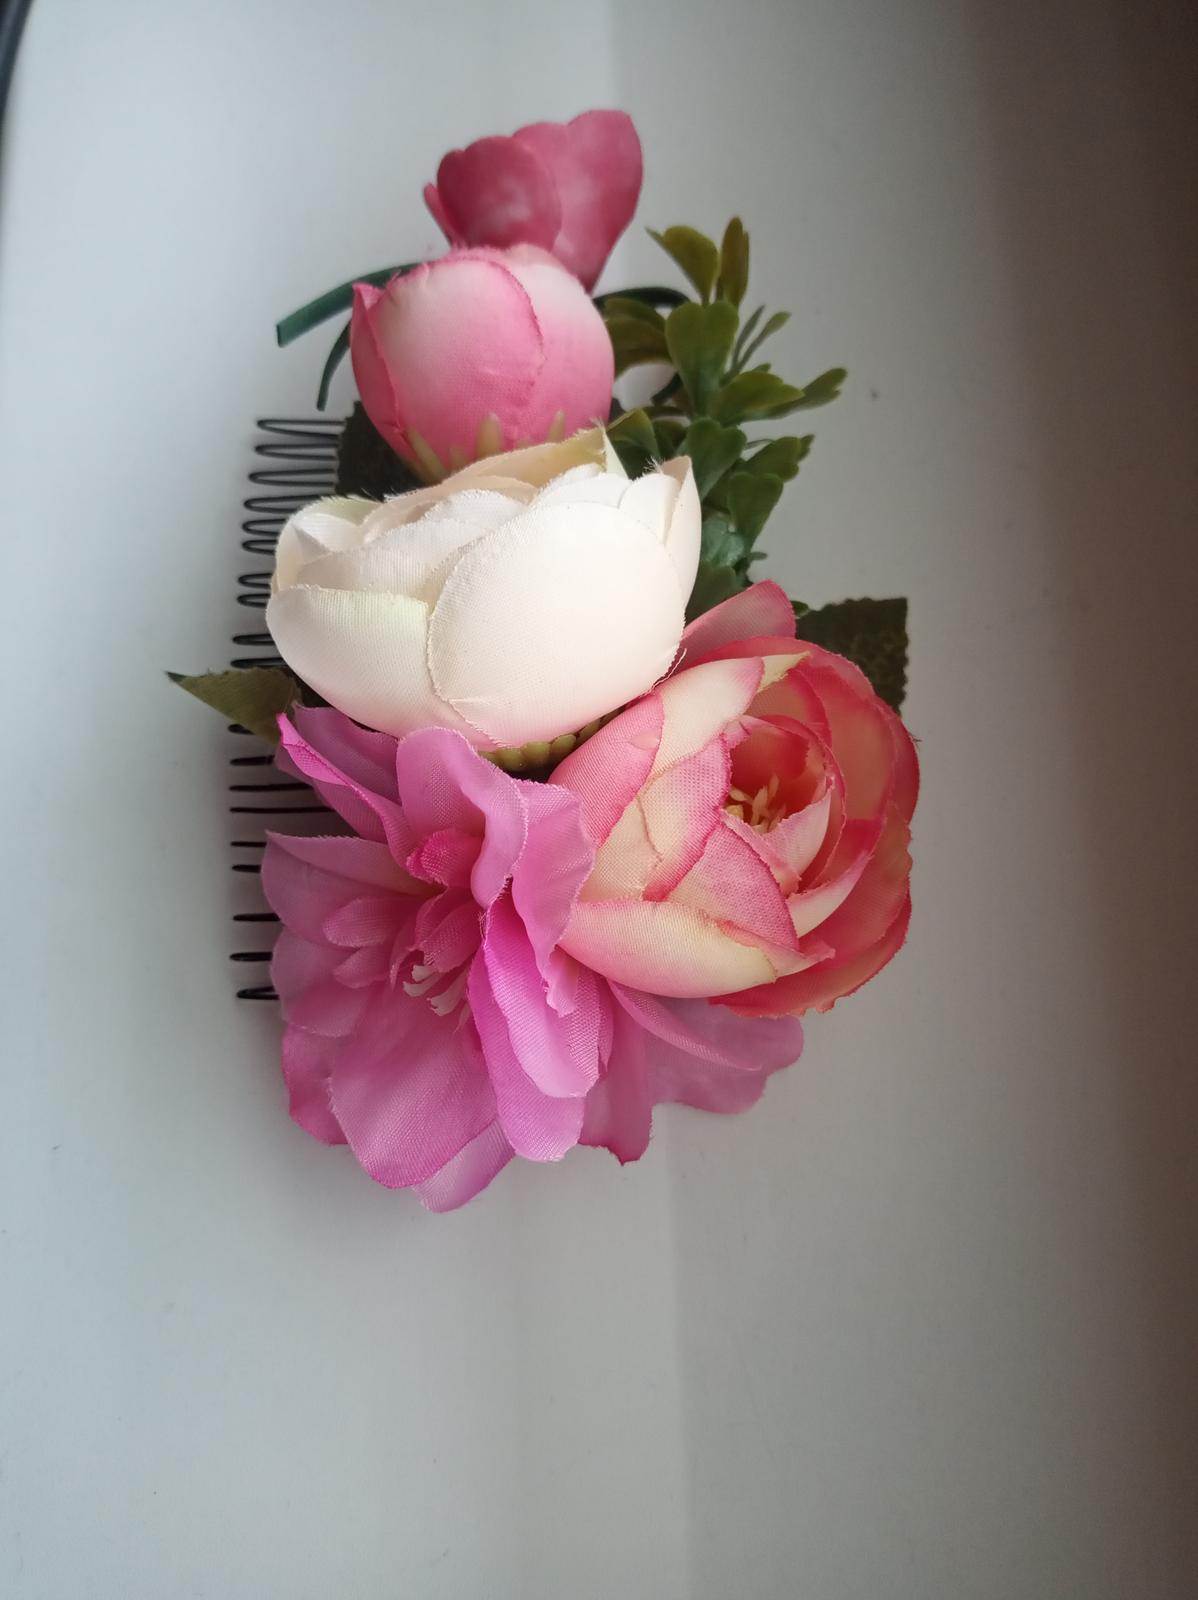 Hrebienok do vlasov s kvetmi - Obrázok č. 4